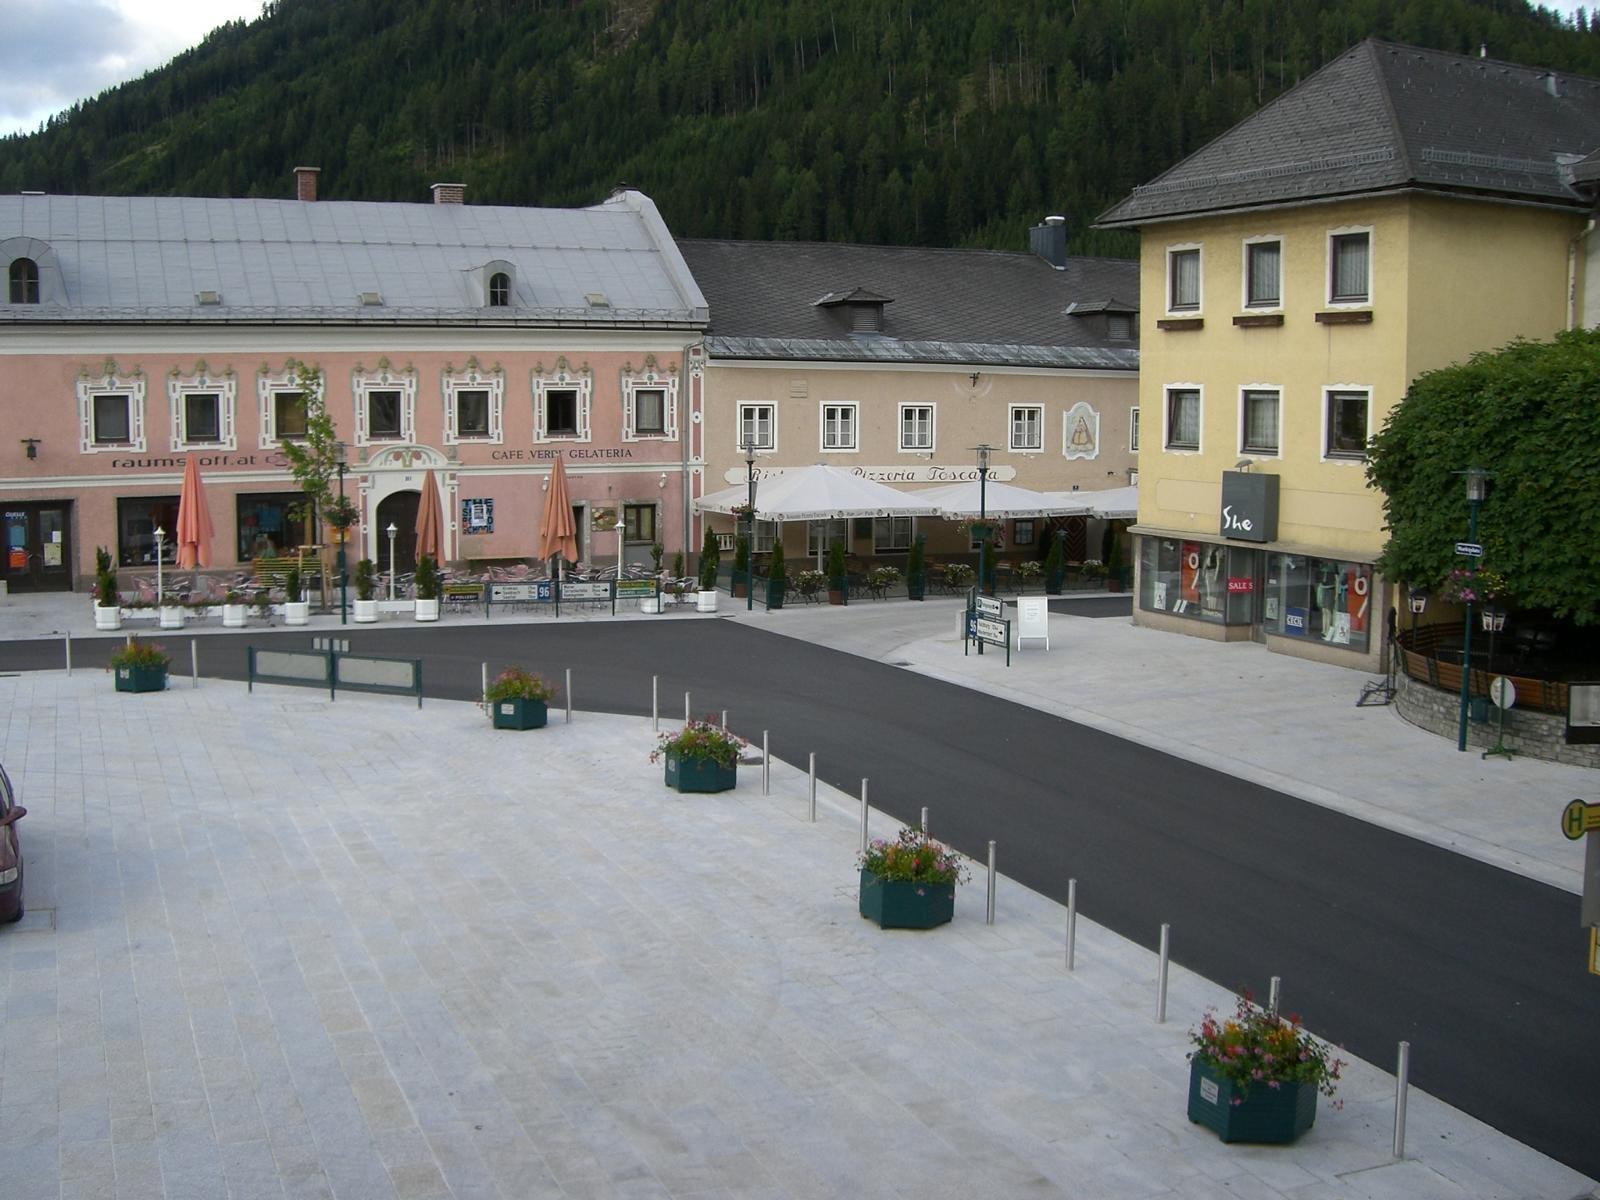 Tamsweg - Marktplatz2